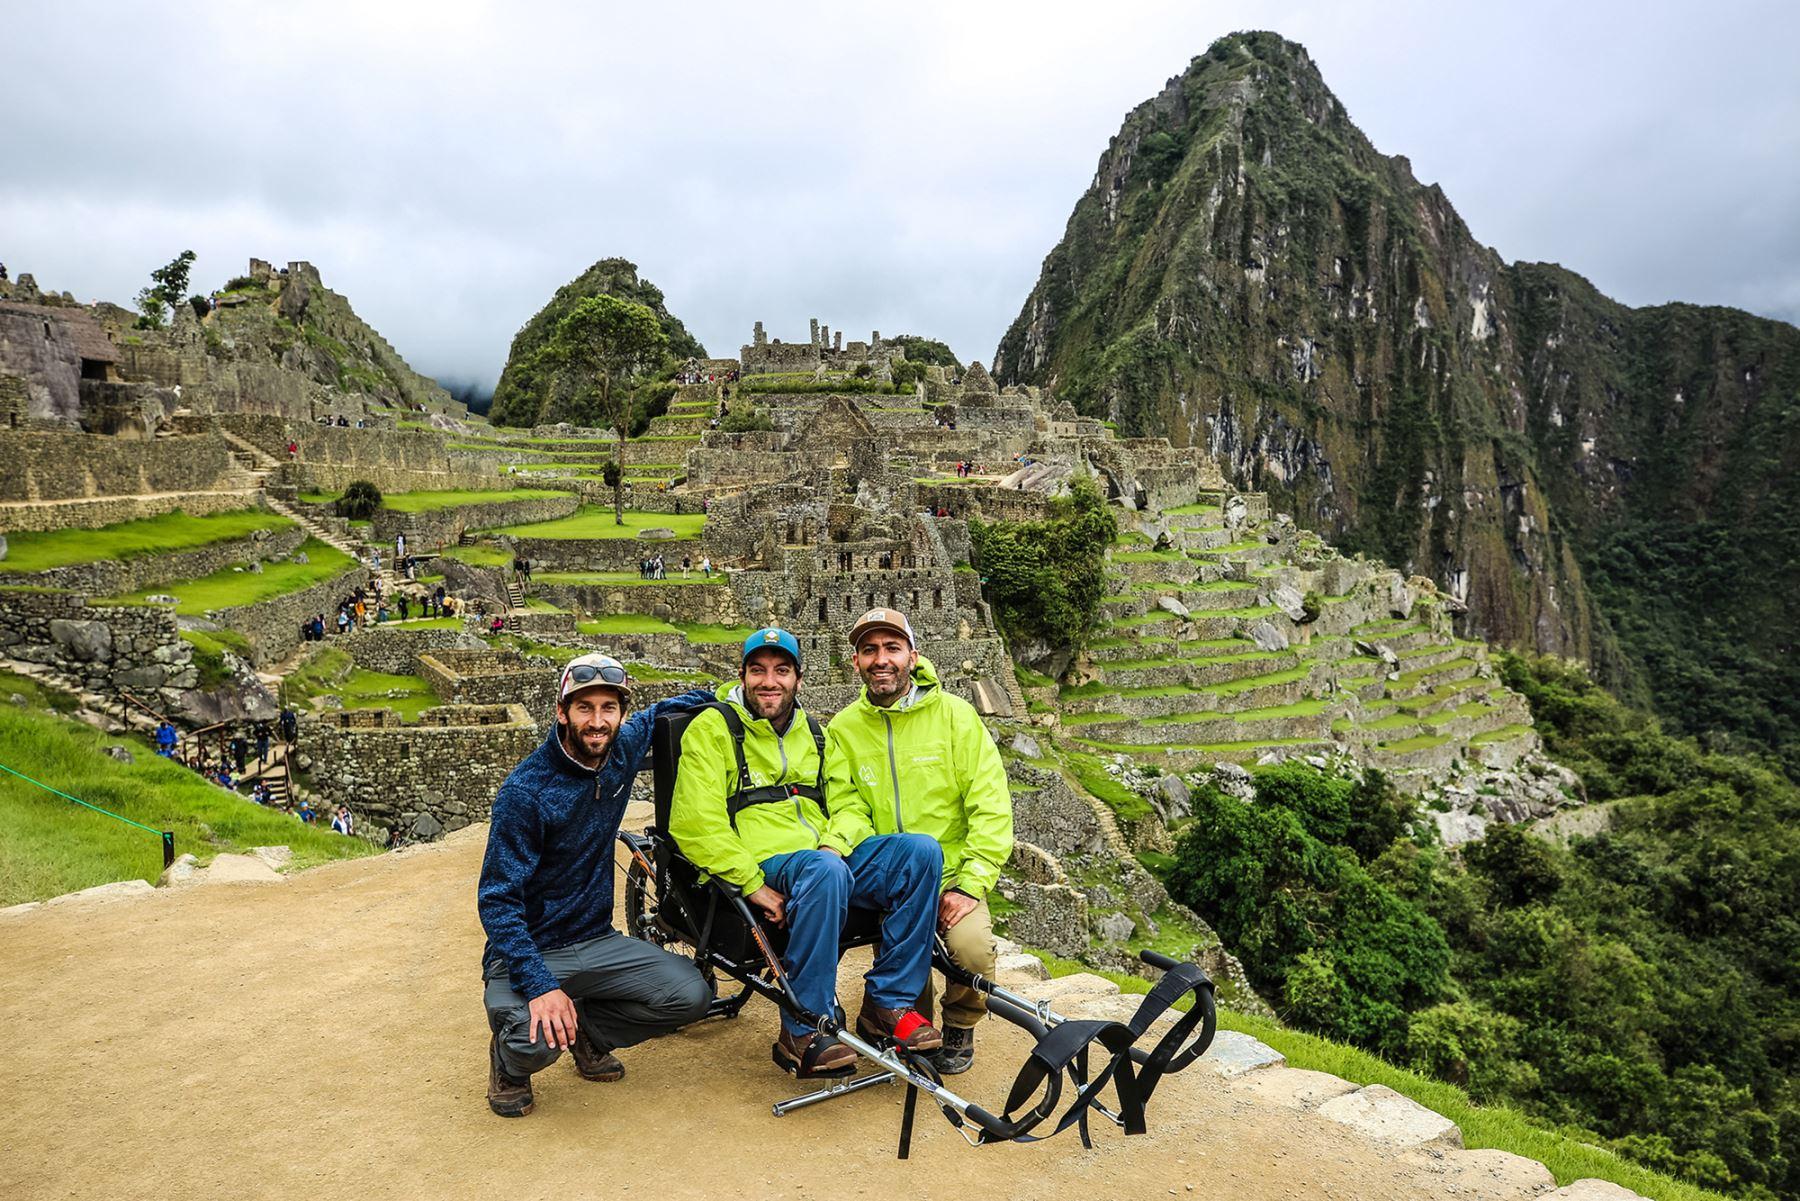 Inauguran recorrido en silla de ruedas en parque arqueológico Machu Picchu, en Cusco. Foto: Wheel the World